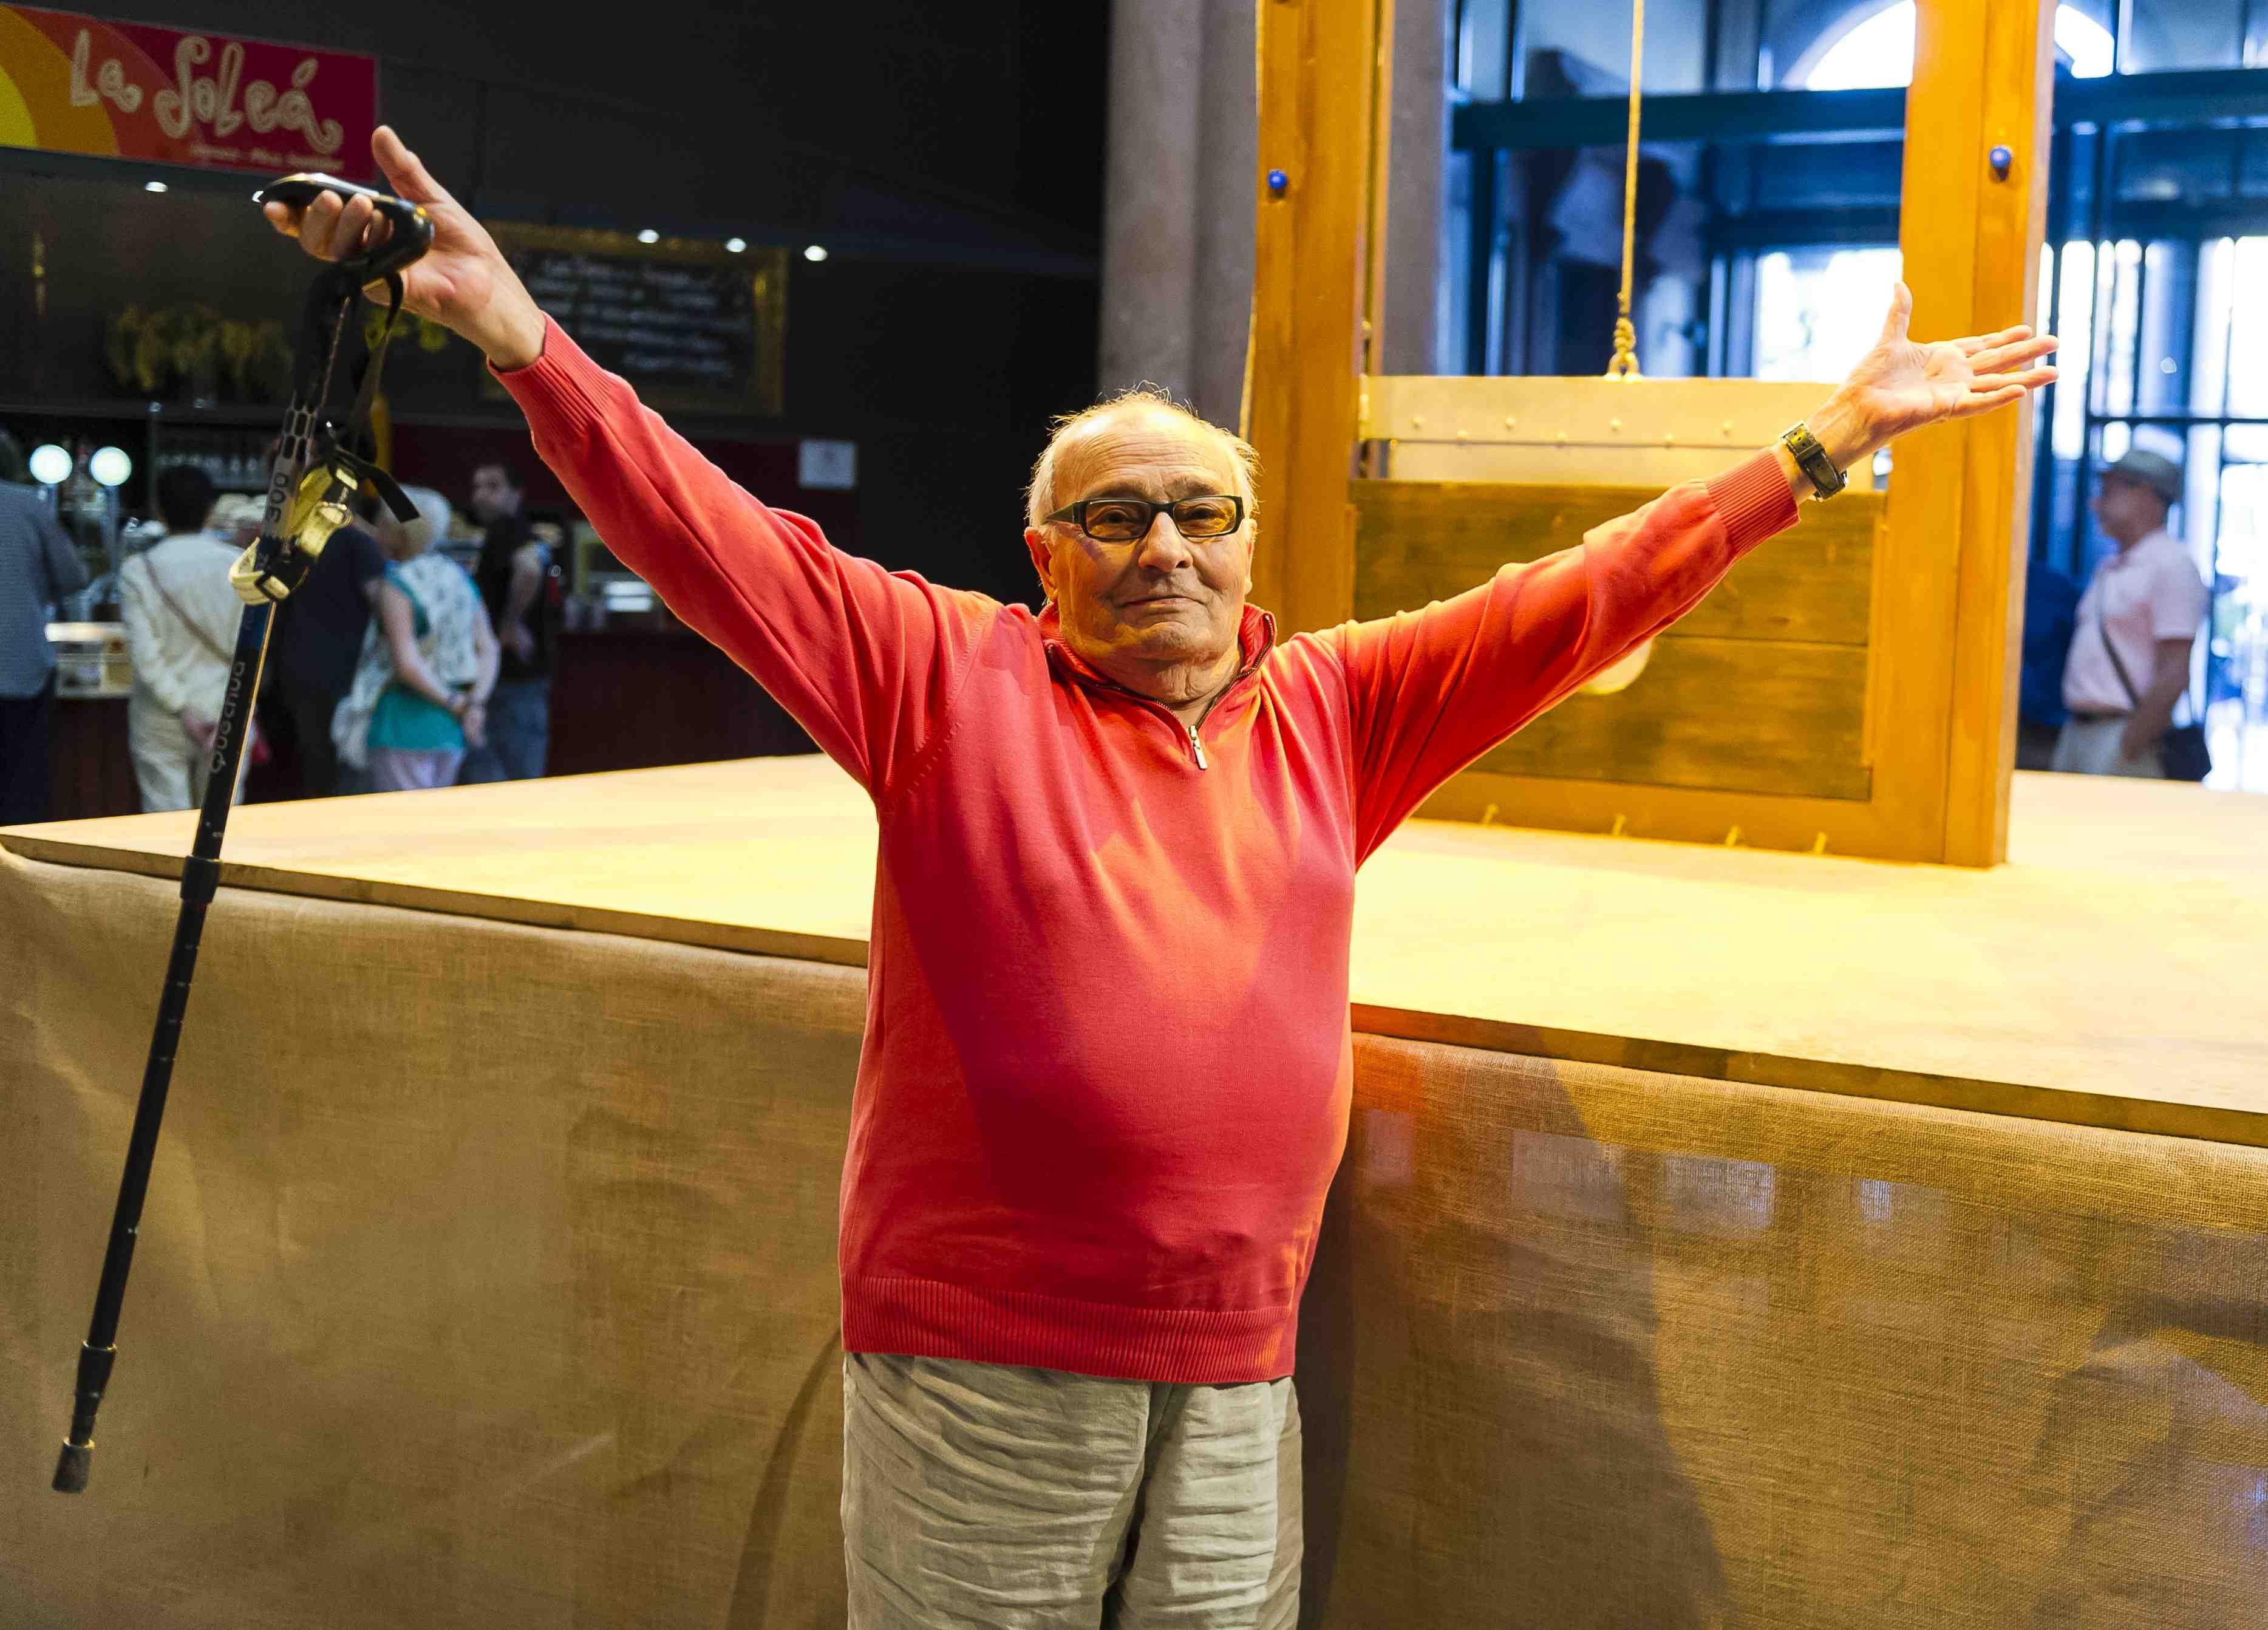 Iago Pericot fotografiat per Josep Aznar a l'estrena de la seva performance Guillotina el 8 de juliol de 2014 al Mercat de les Flors